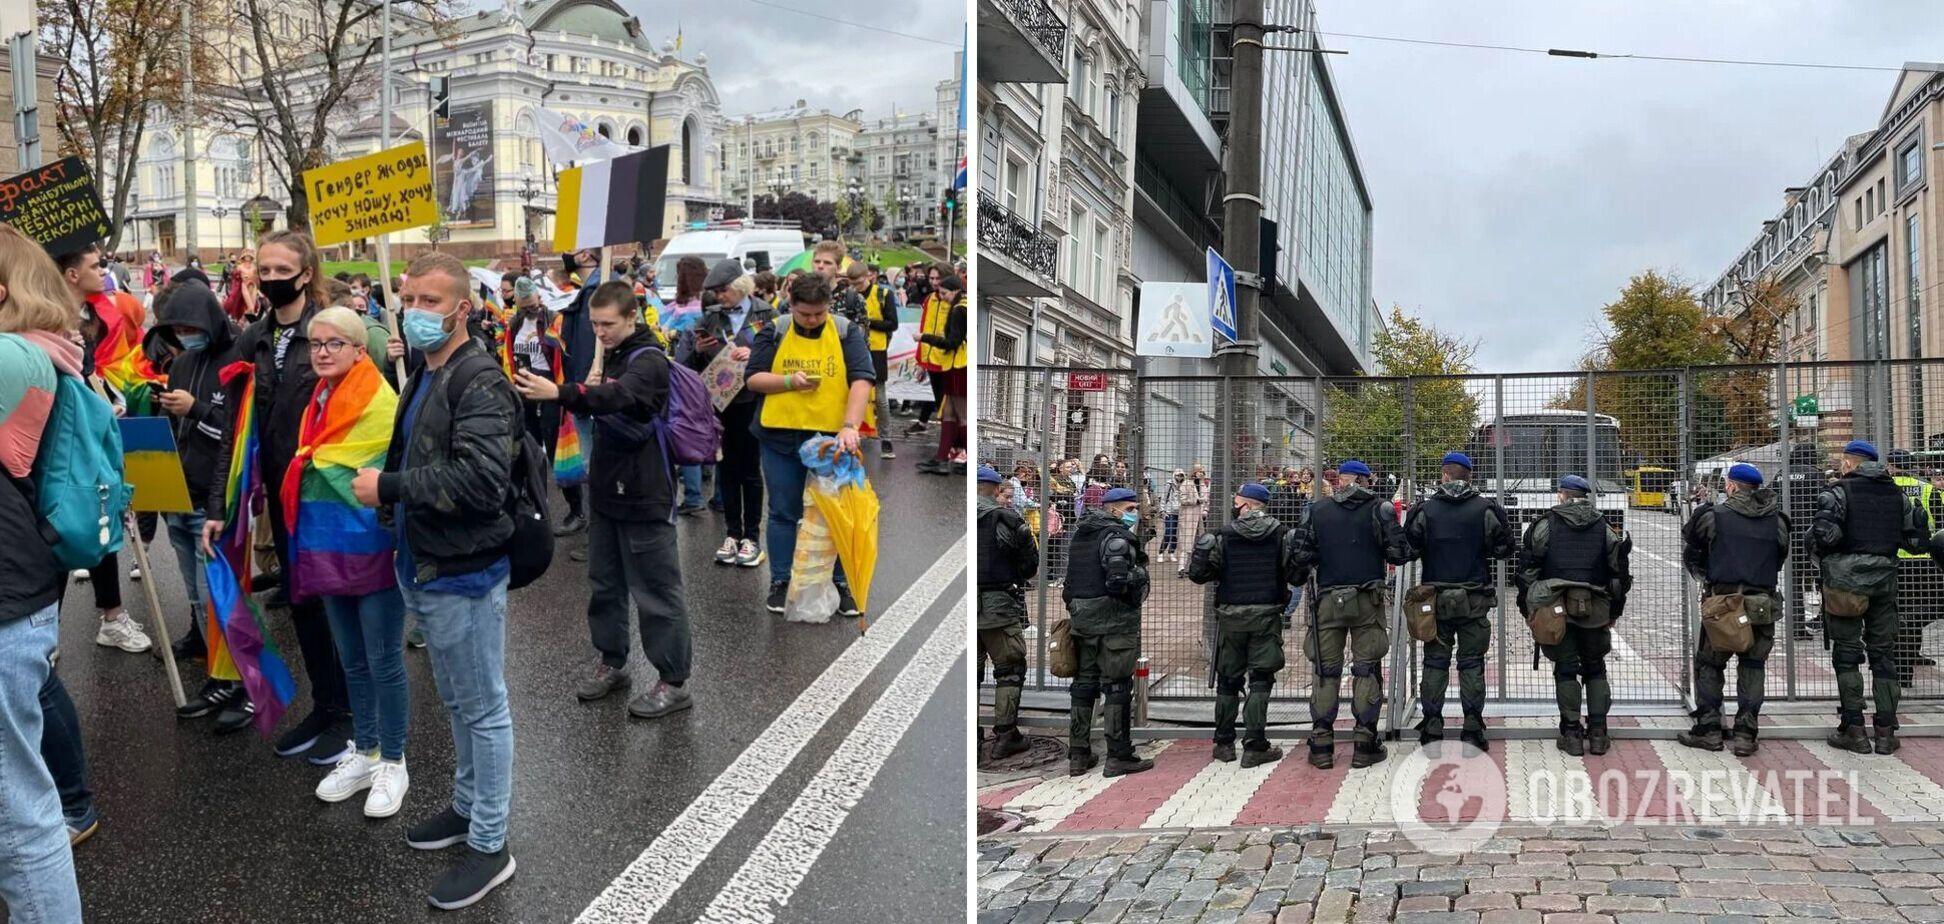 У Києві стартував ЛГБТ-марш, поліція посилила заходи безпеки. Фото і відео